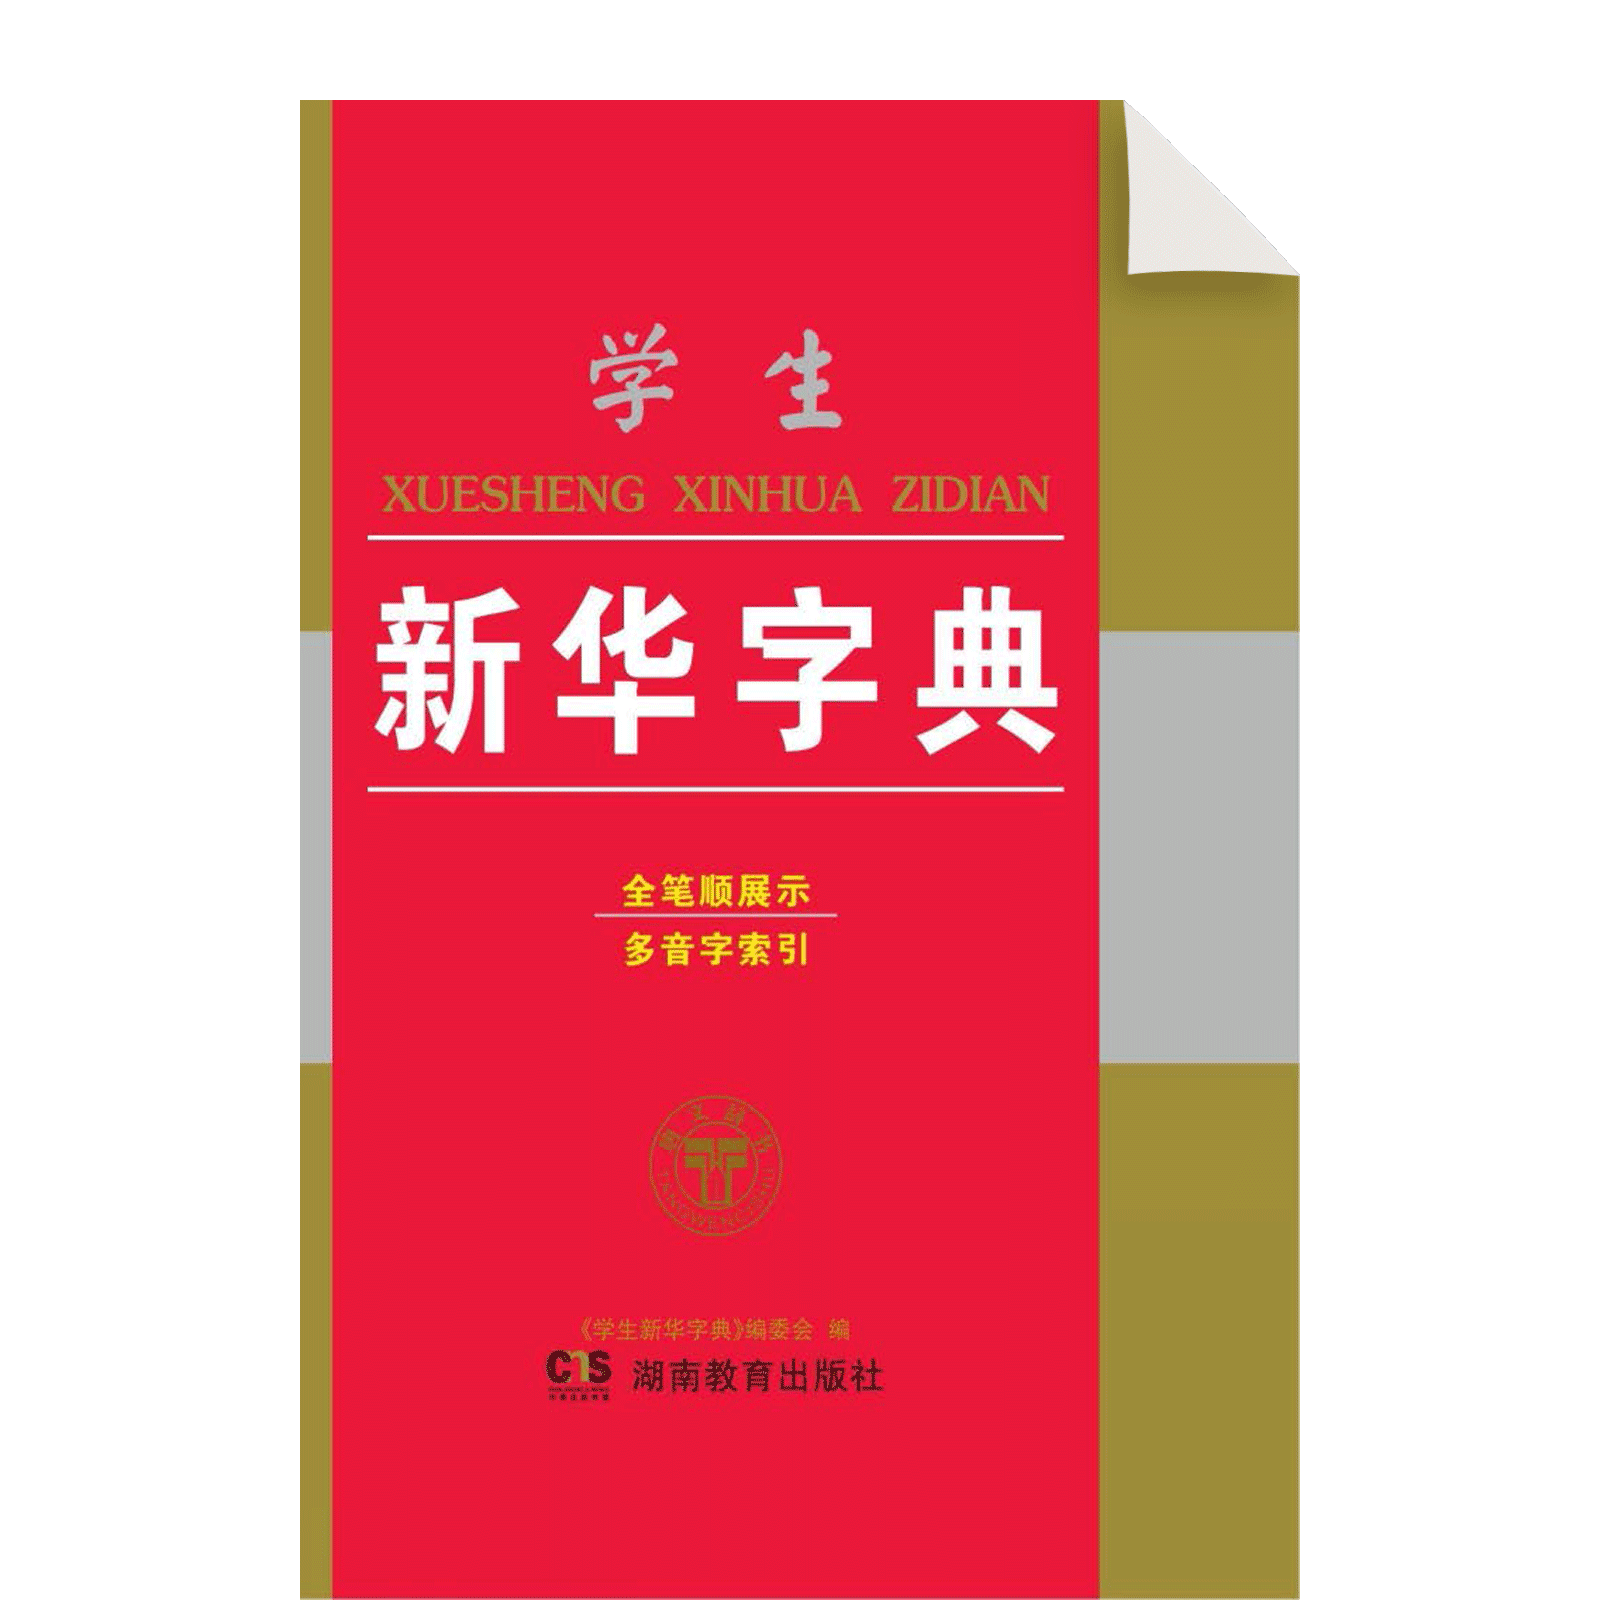 Xuesheng Xinhua Cidian